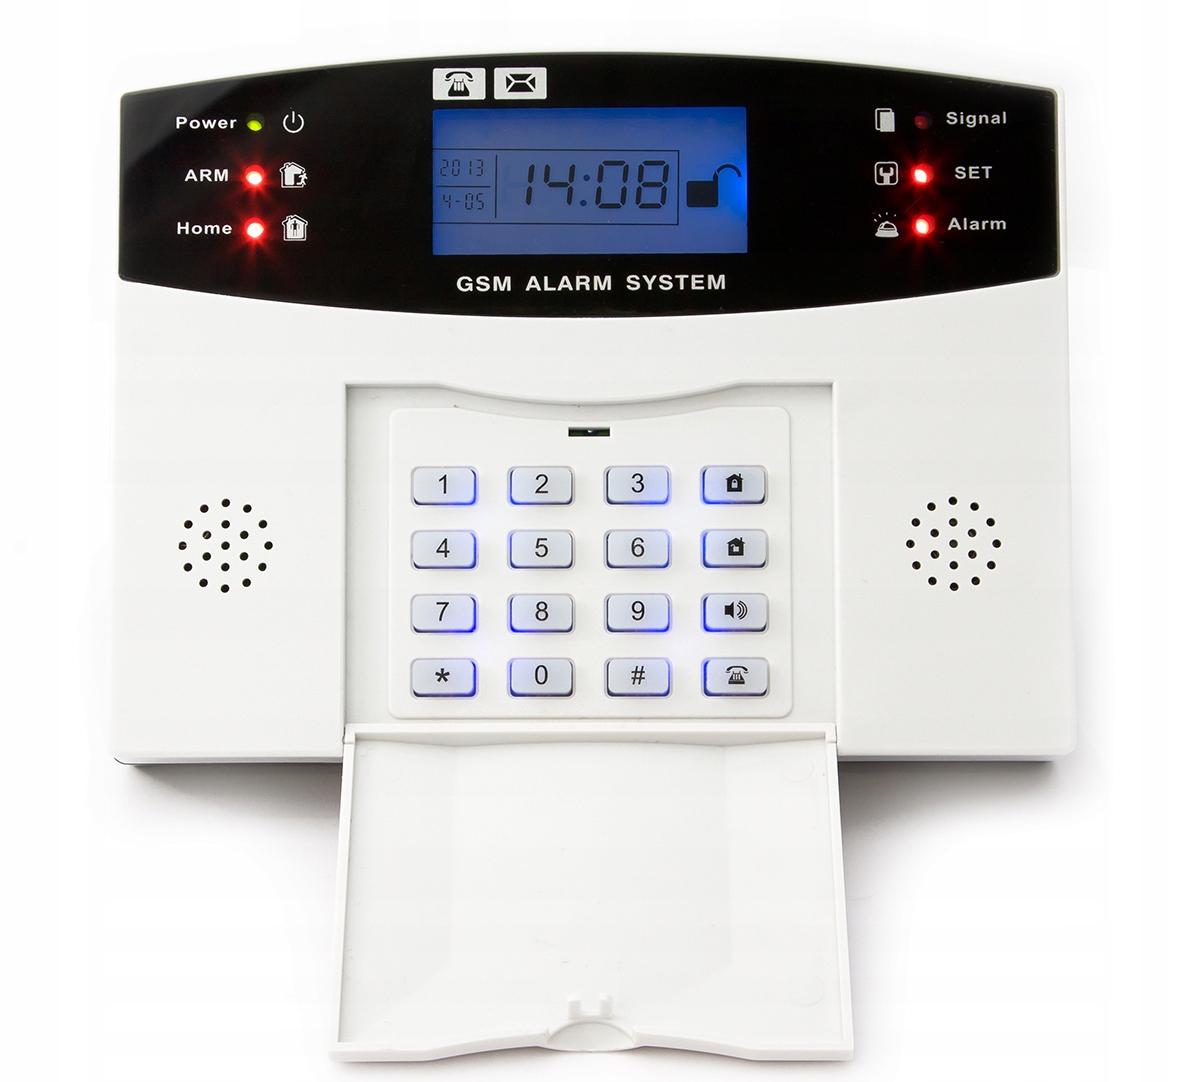 PRZEWODOWY ALARM LCD GSM APP SYRENY POLSKI 4 PIR Skład zestawu centrala alarmowa czujka ruchu manipulator czujka magnetyczna zewnętrzny sygnalizator akustyczno-optyczny inny